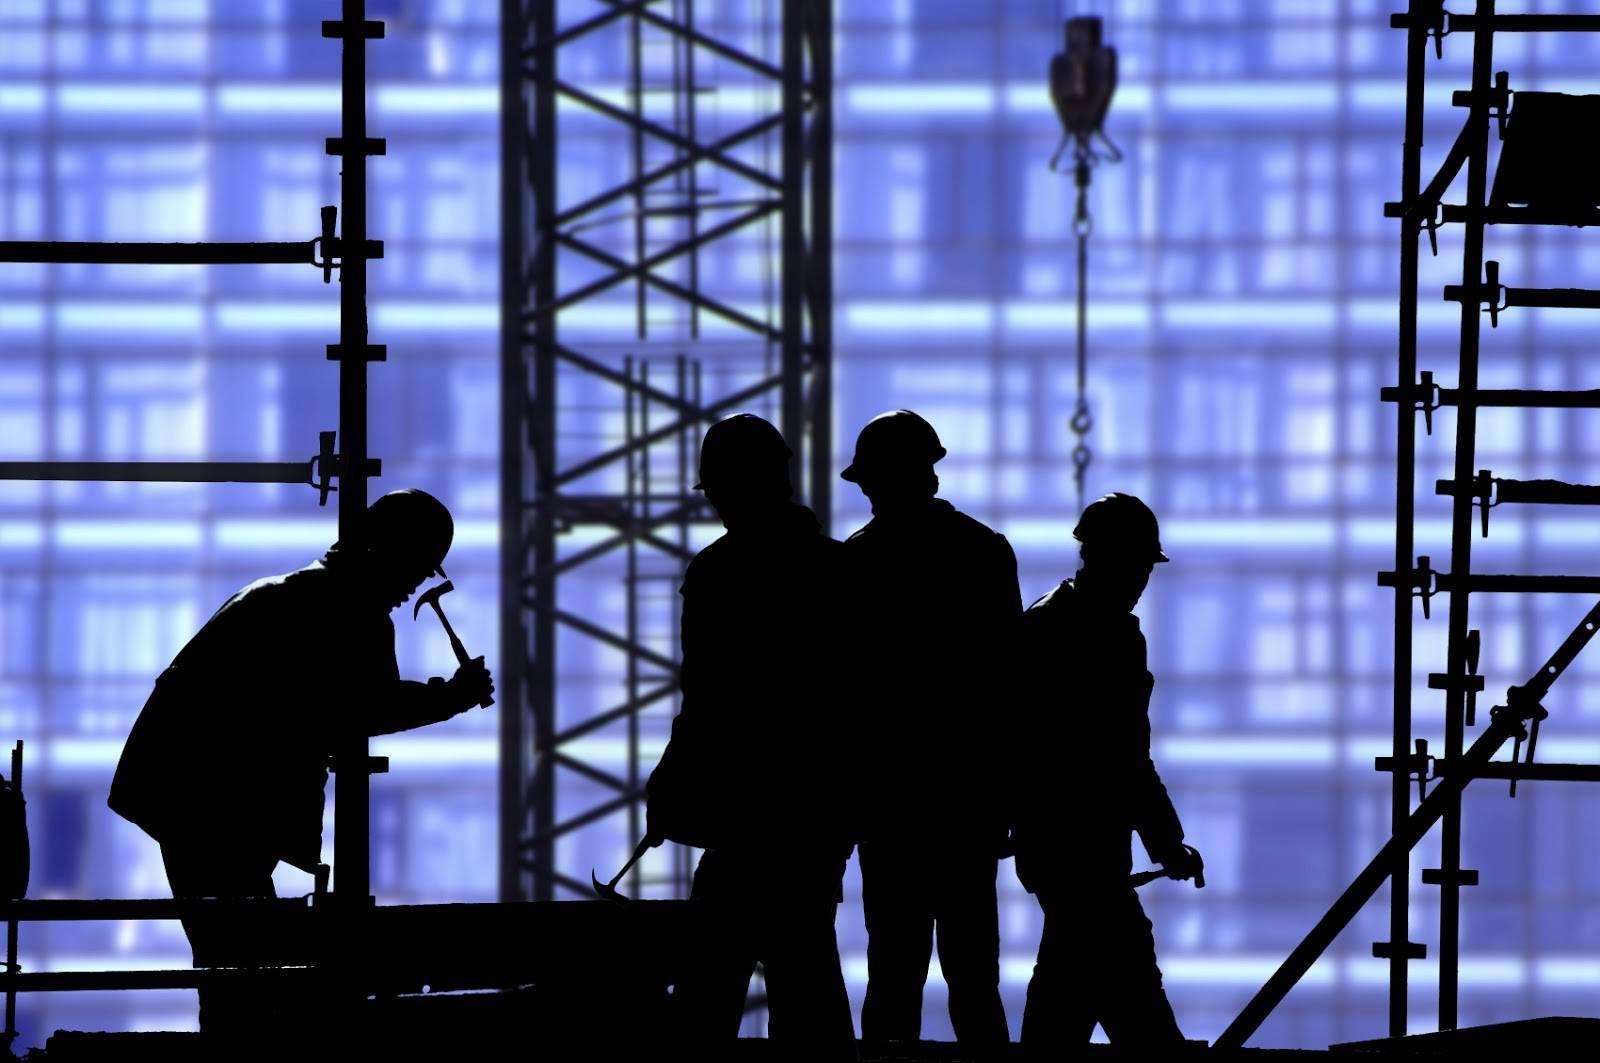 С турецких стройкомпаний в ближайшее время снимут ограничения на работу